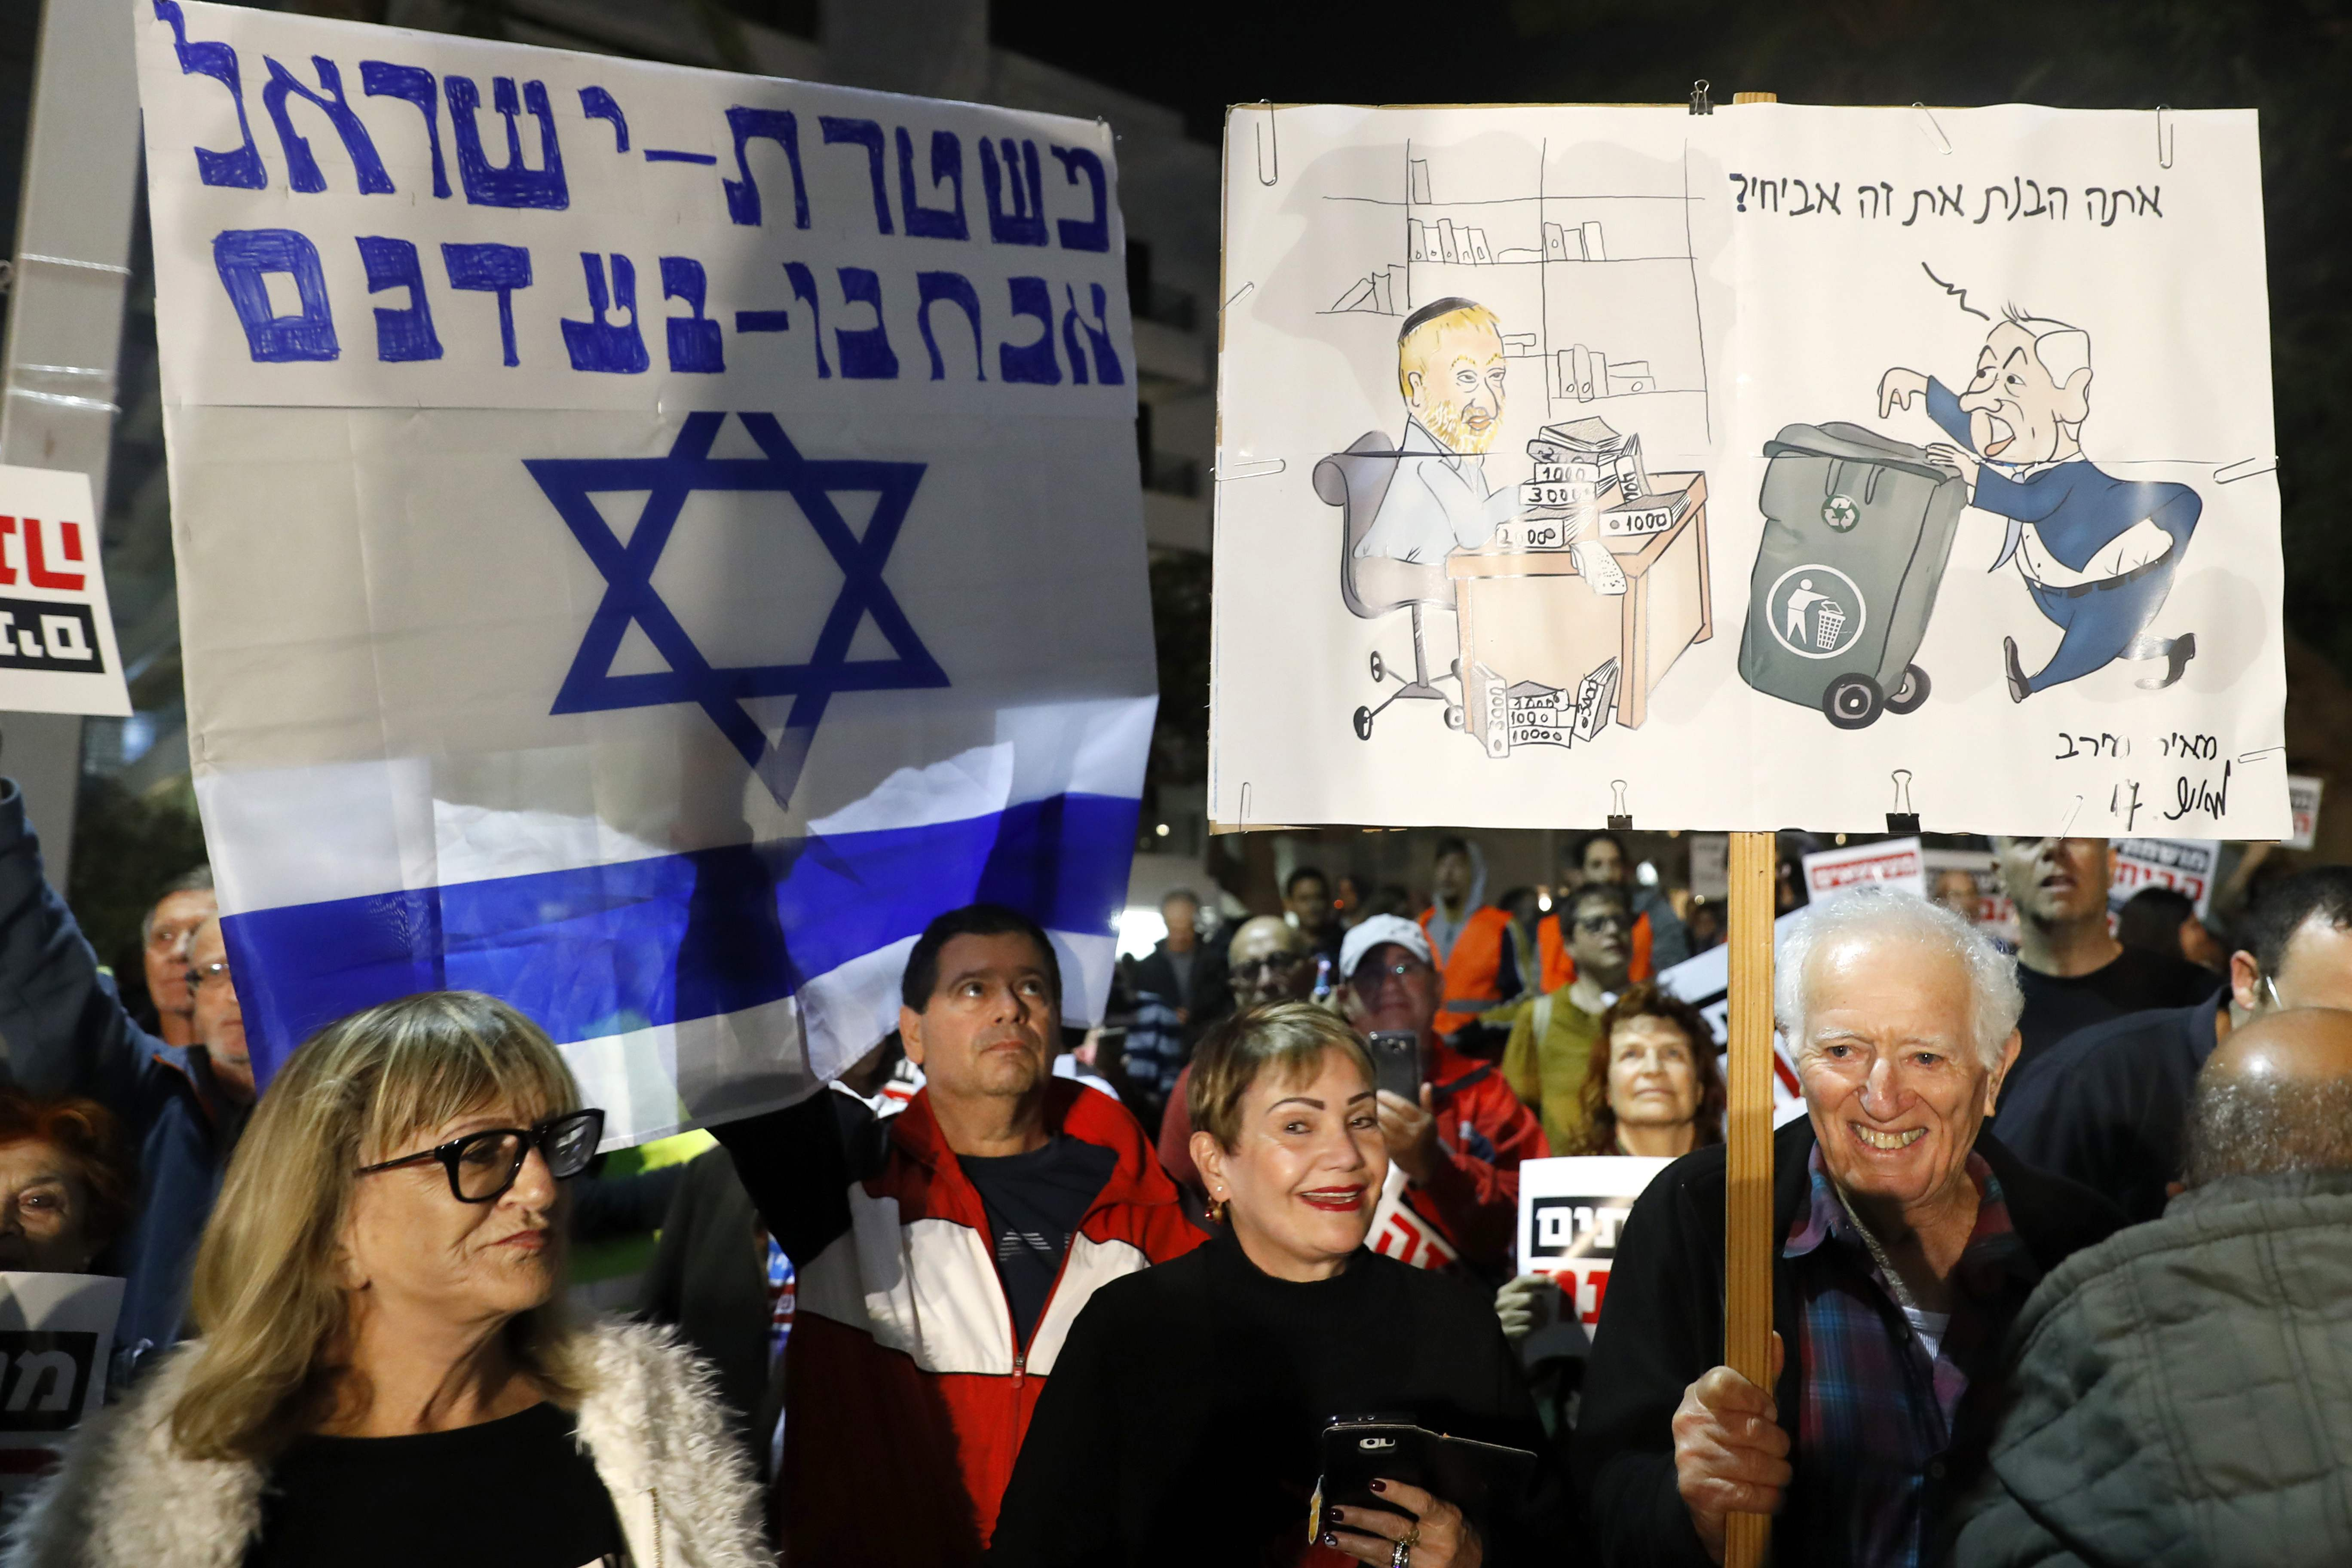 لافتات منددة بفساد نتنياهو